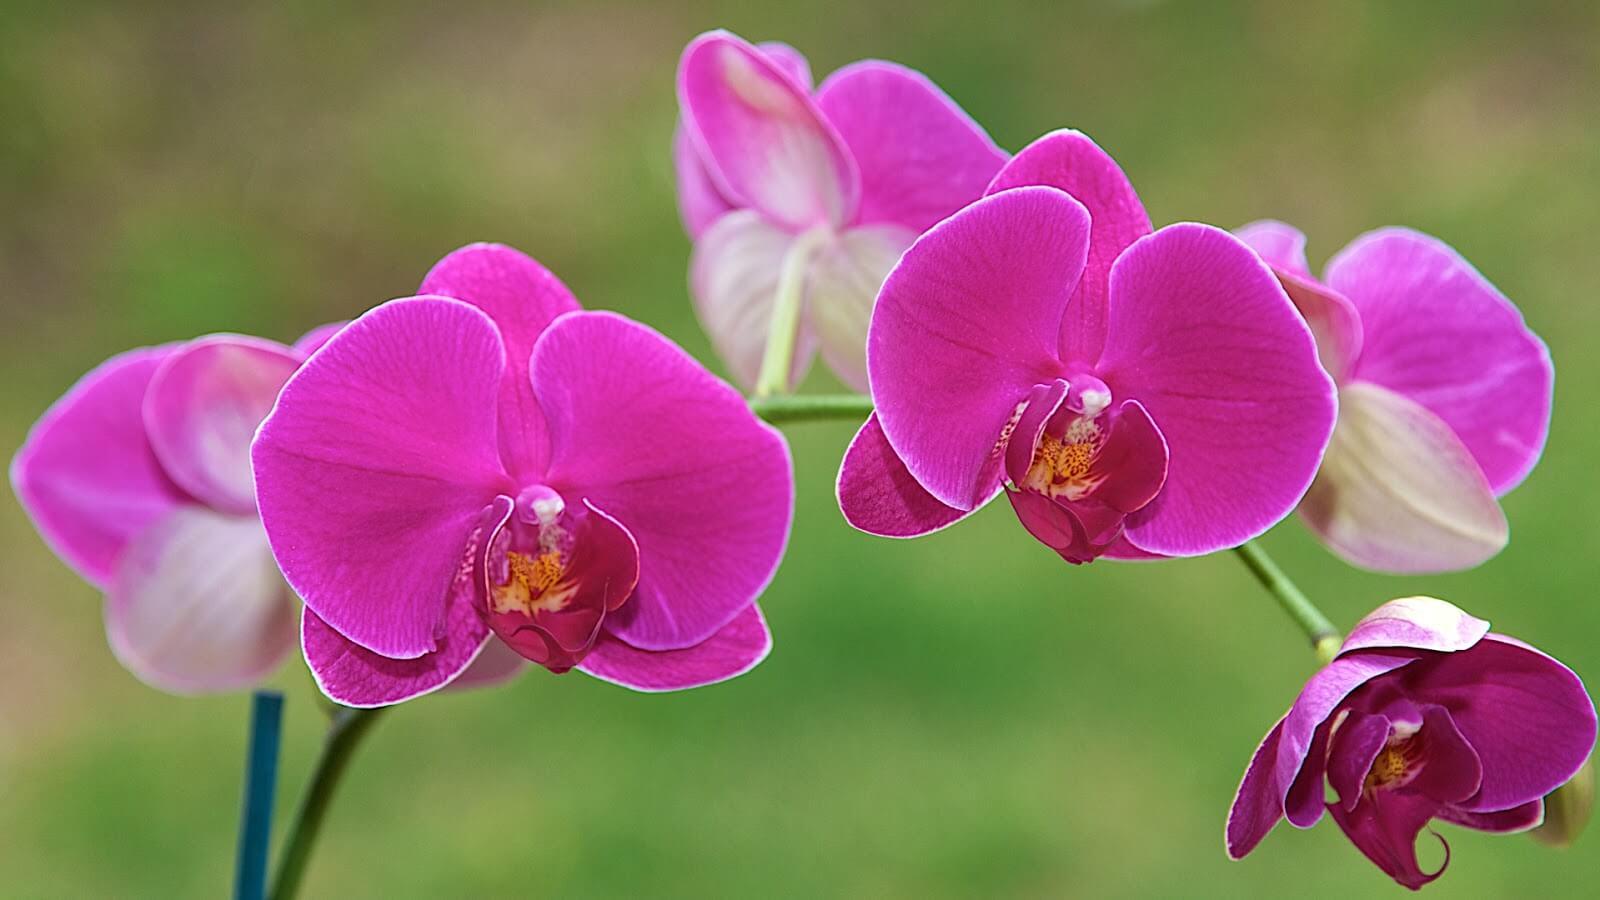 Hoa lan thể hiện sự biết được gửi đến những người cô của mình